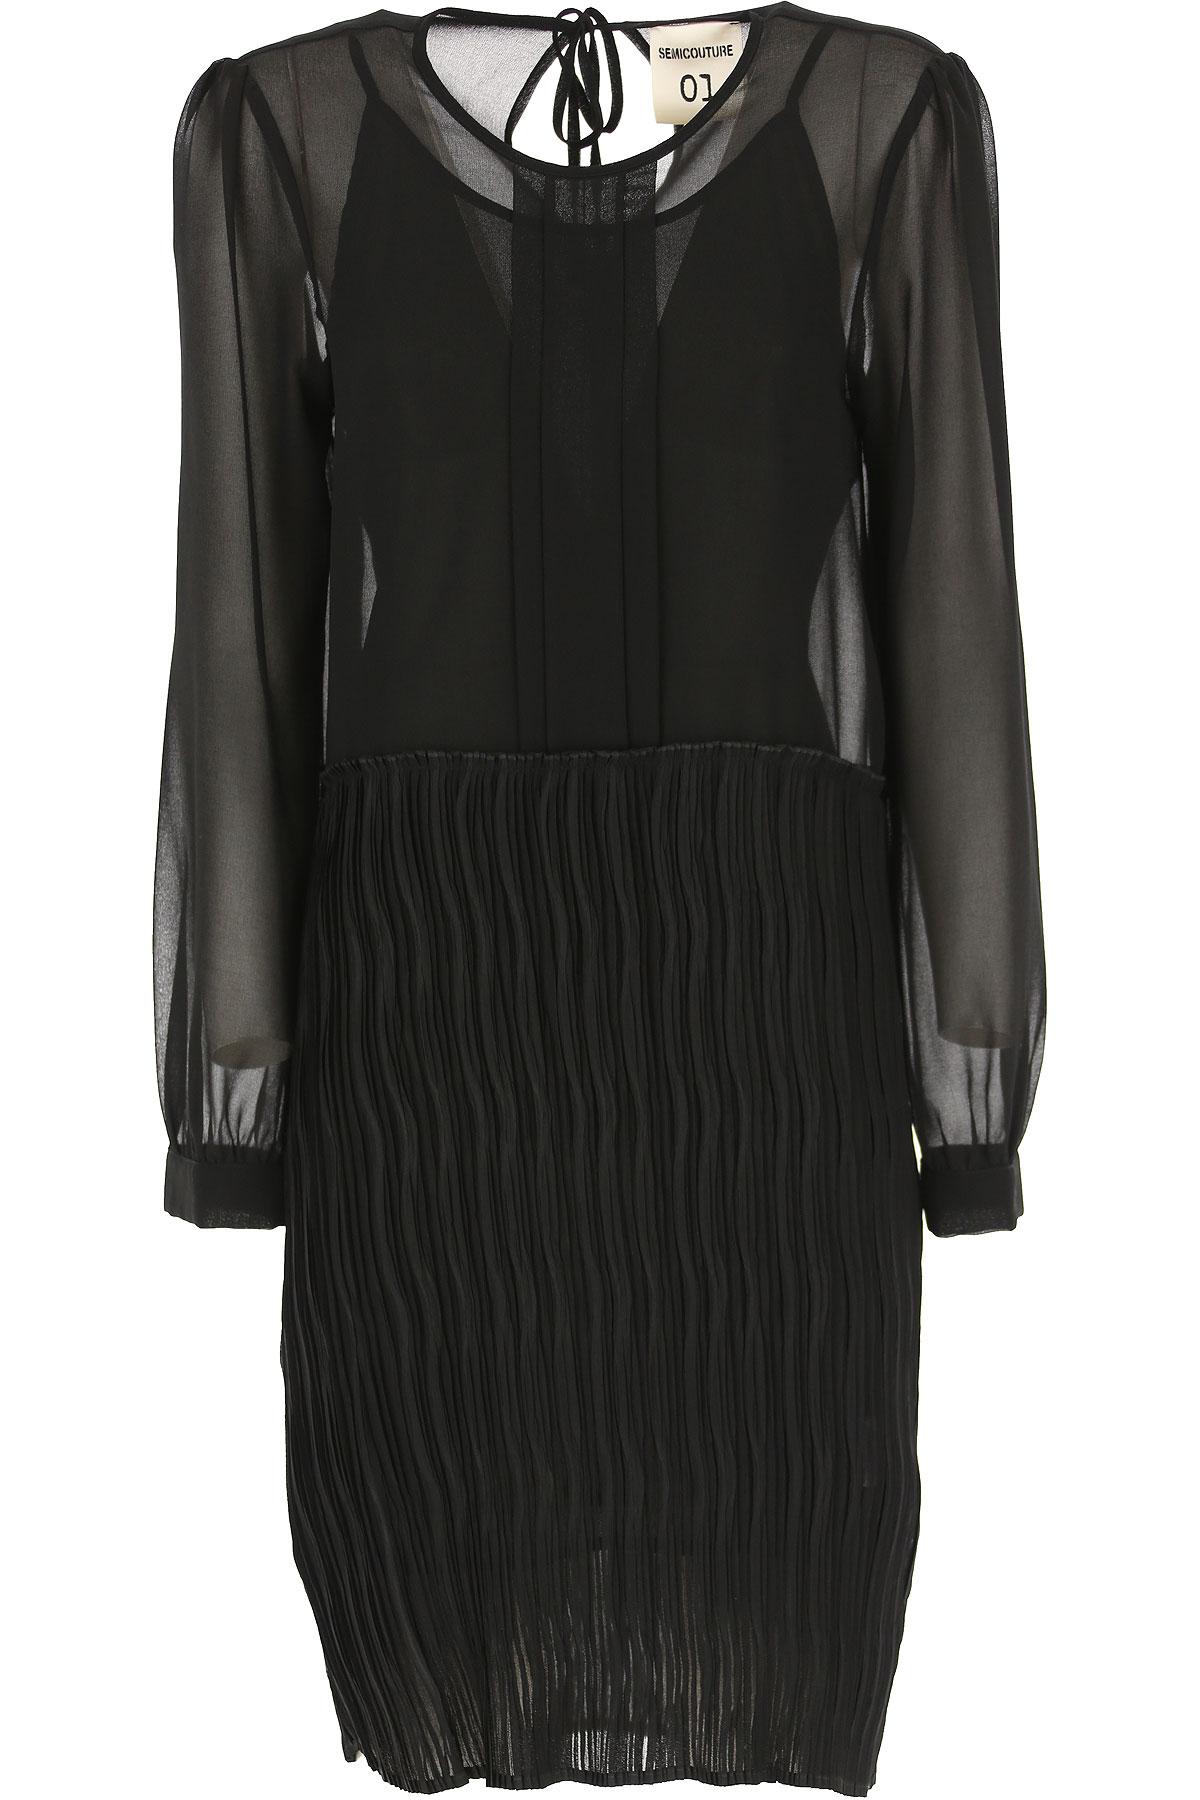 Semicouture Robe Femme Pas cher en Soldes, Noir, Polyester, 2019, 38 44 M